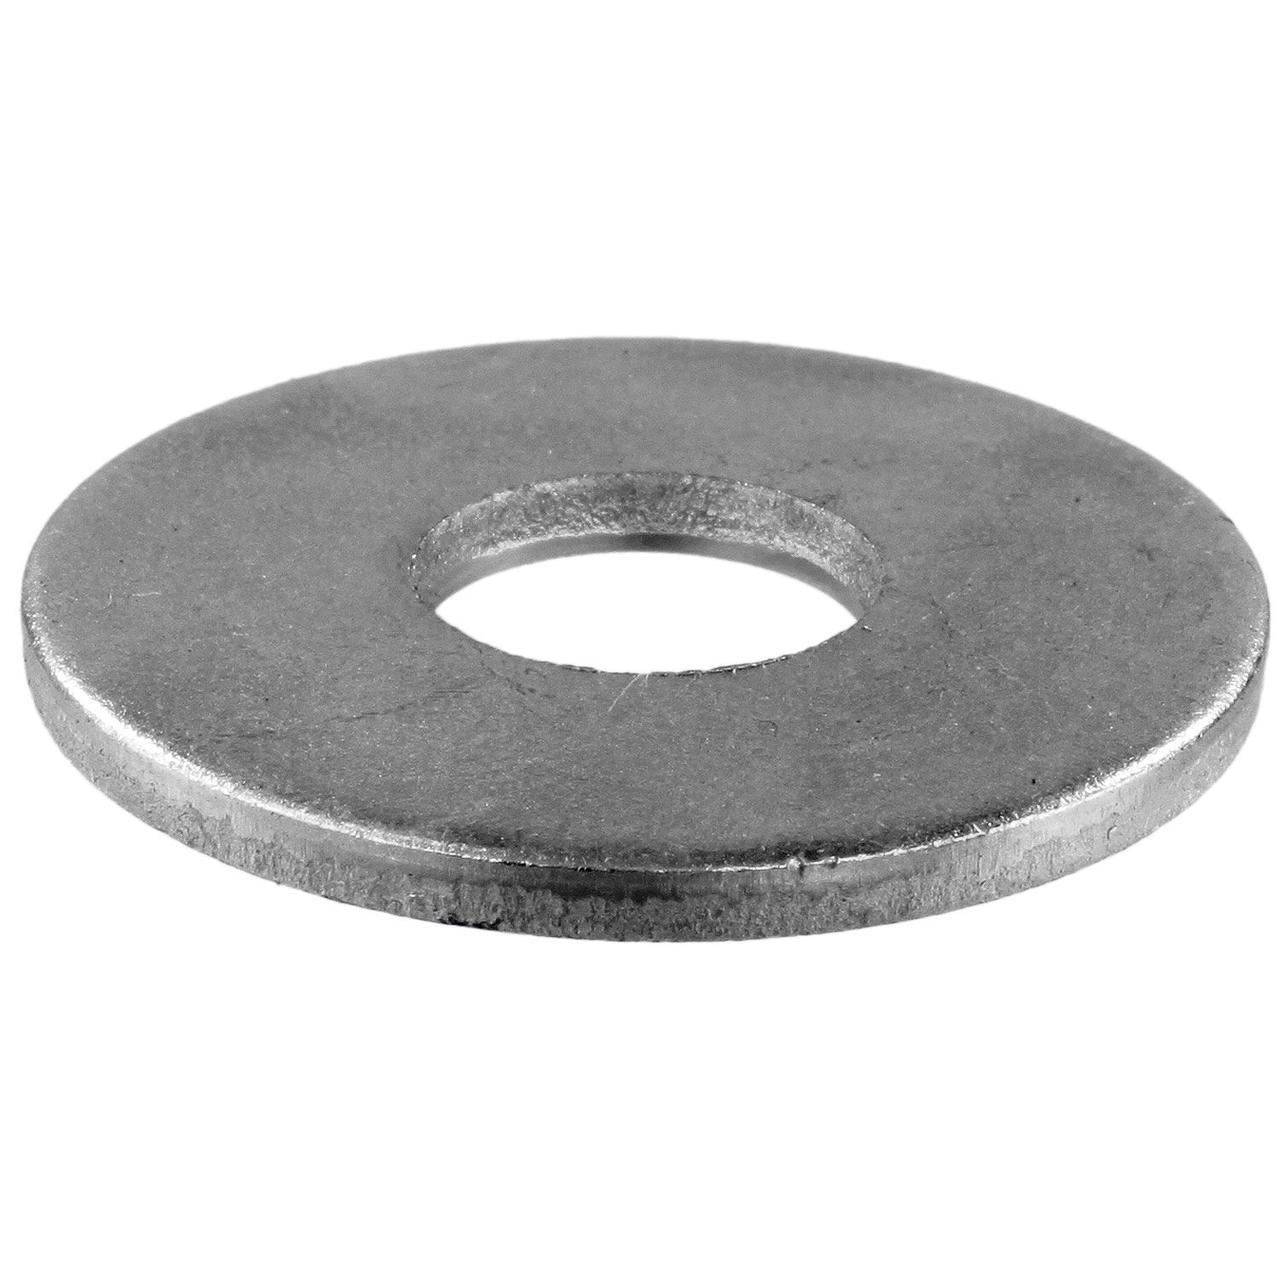 Кольцо ст 40Х 610х60х110 мм